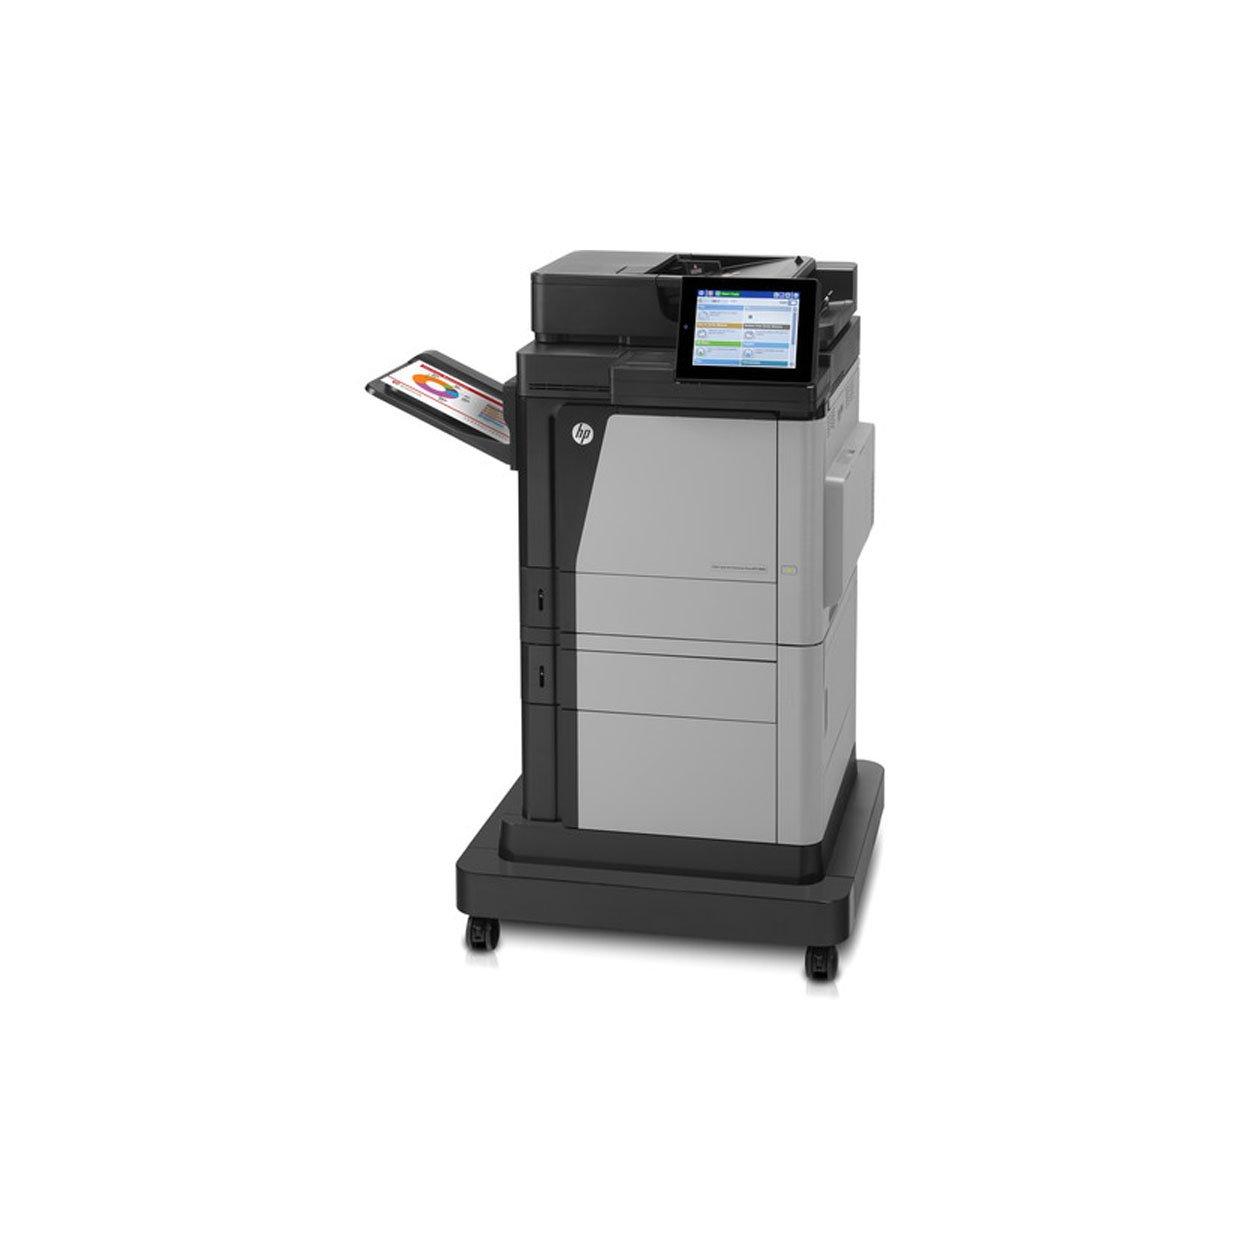 Amazon.com: HP Color Laserjet Enterprise MFPM680f, Copy/Fax ...